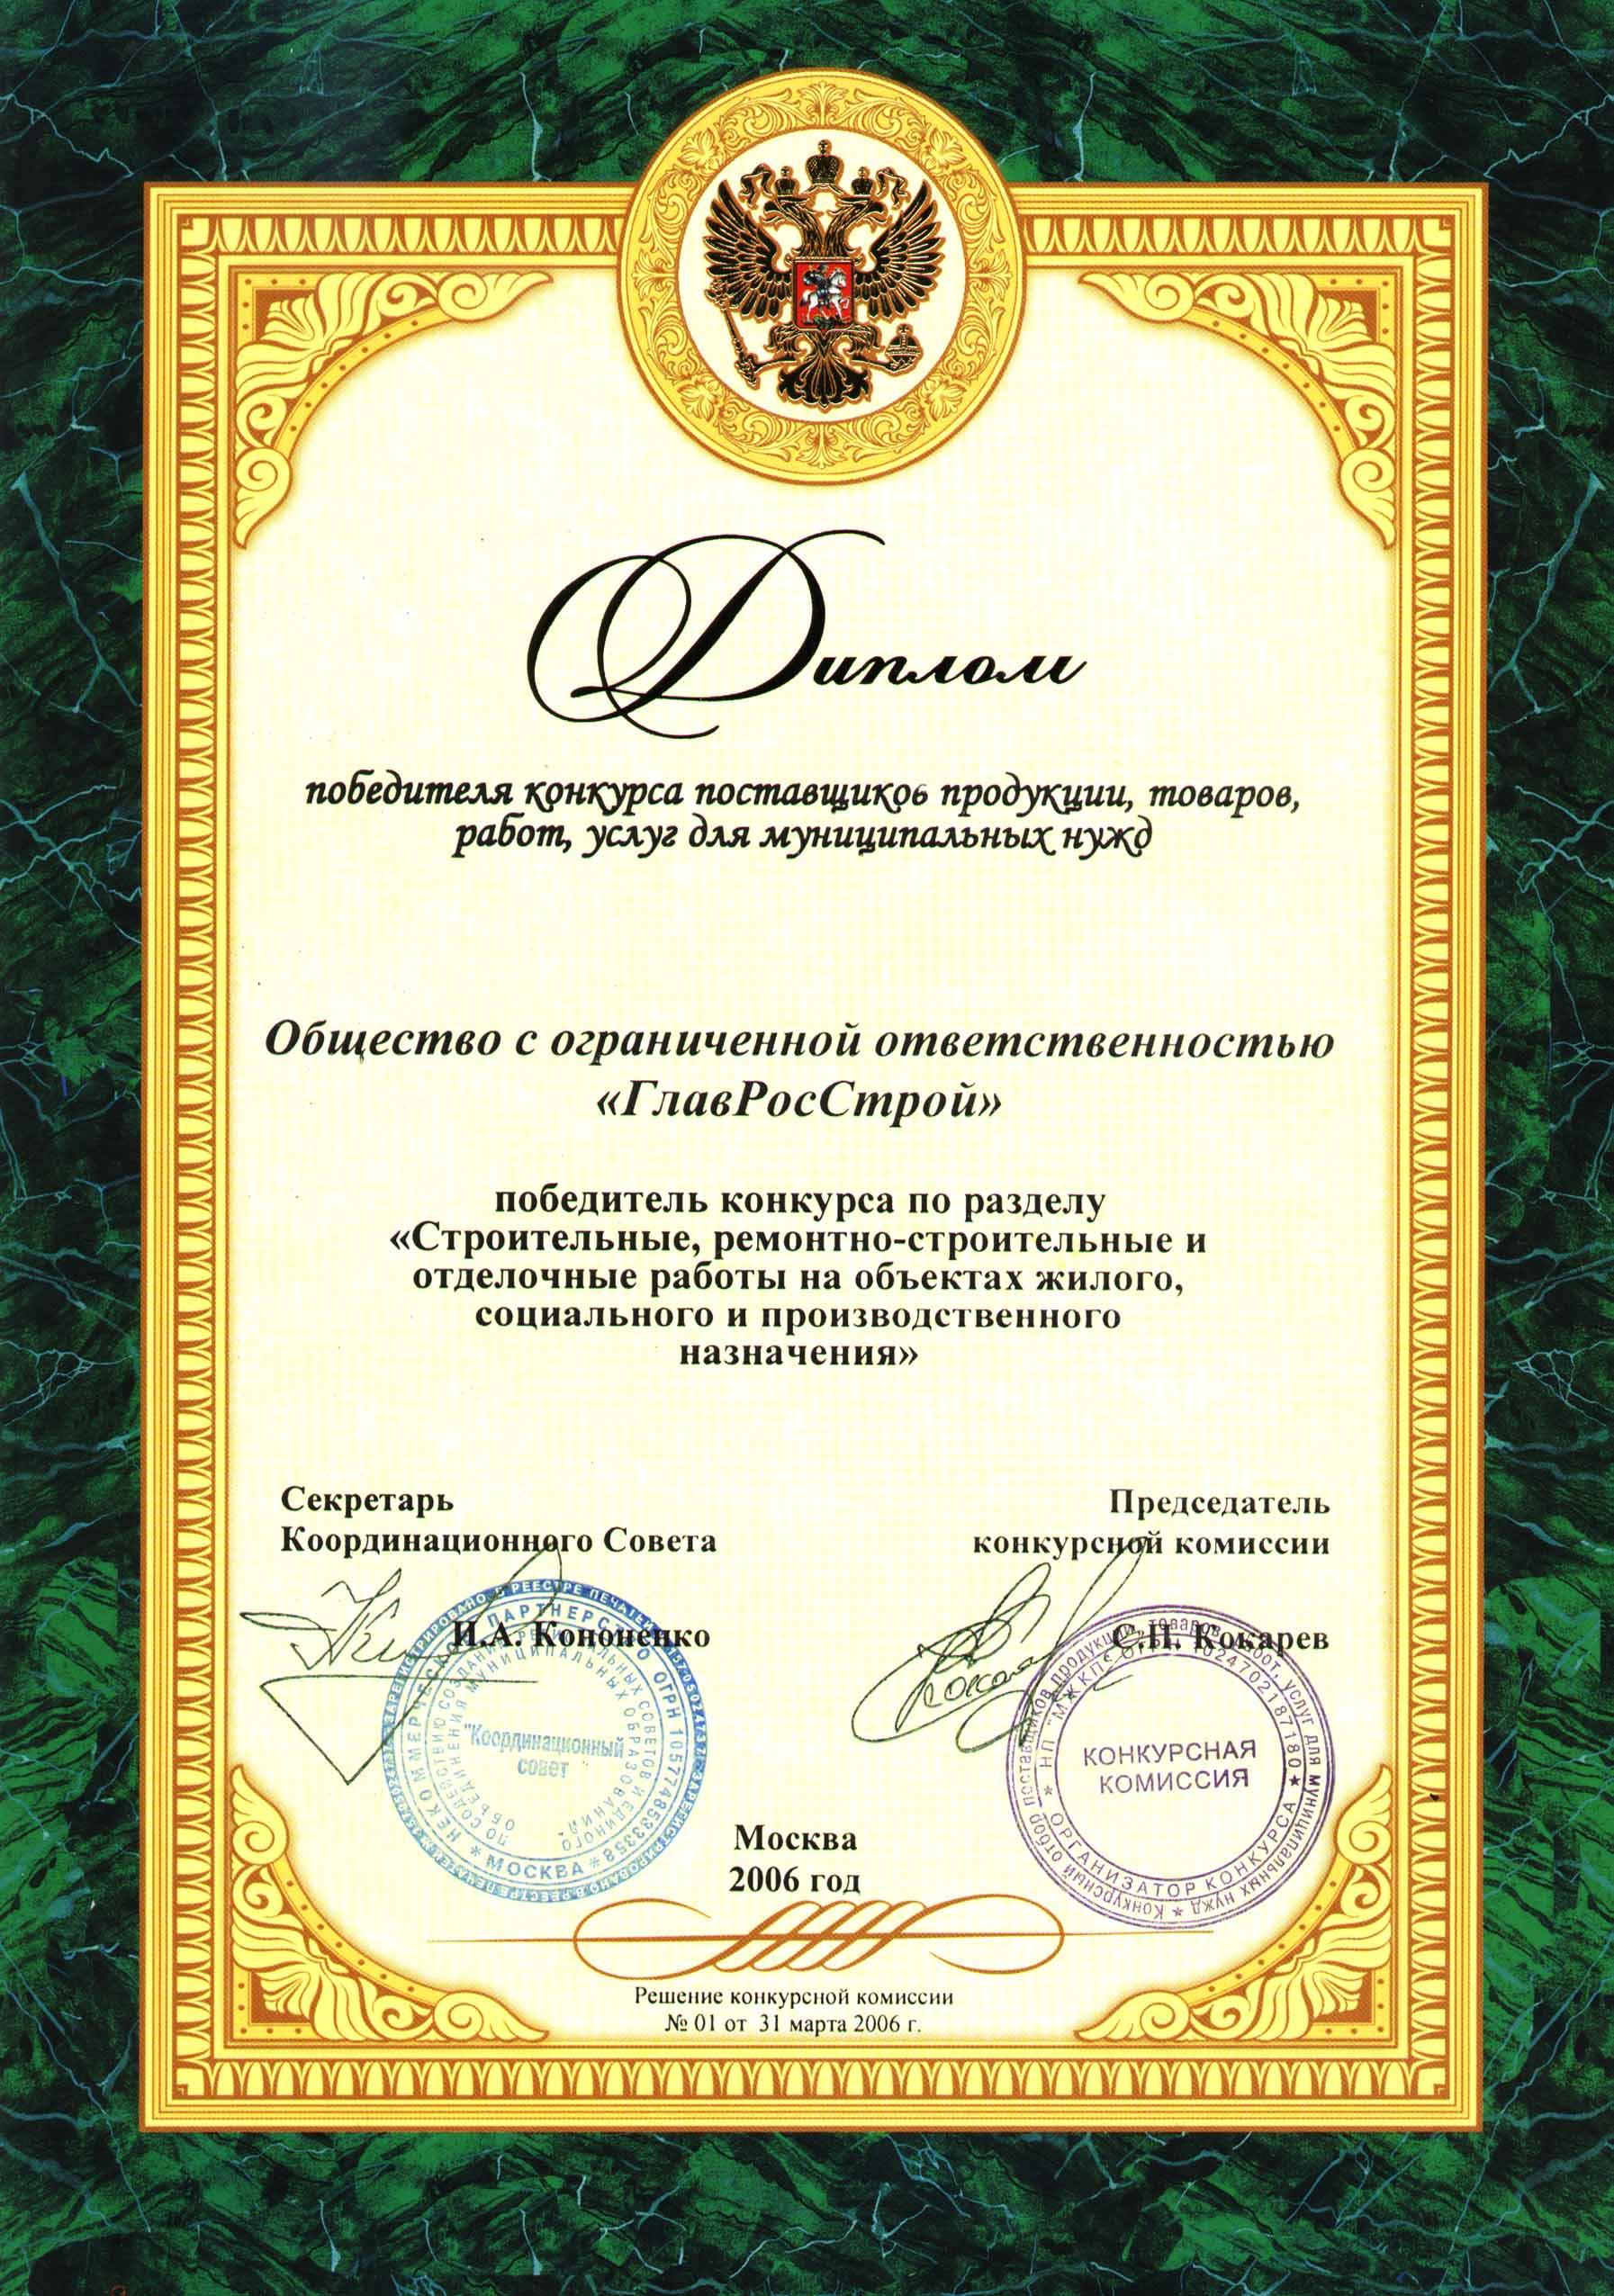 ГРС диплом победителя конкурса